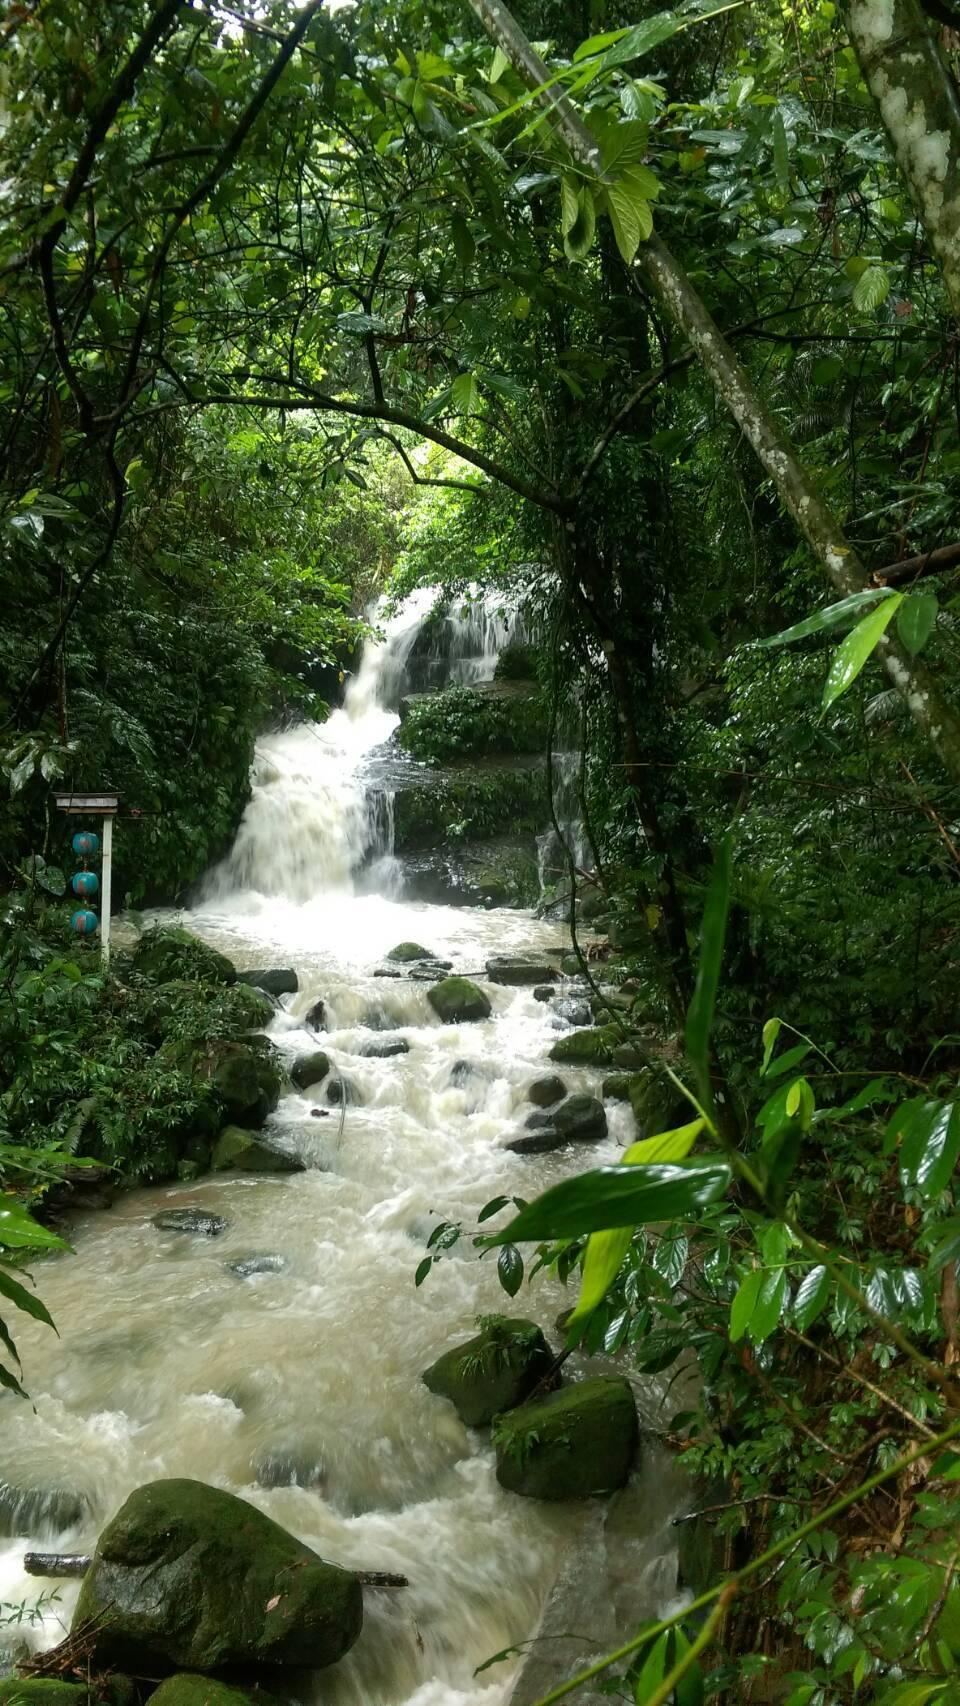 嘉義縣梅山鄉太興村的阿葉溪流域,經過連日大雨、水勢豐沛,吸引許多遊客慕名前來走步...